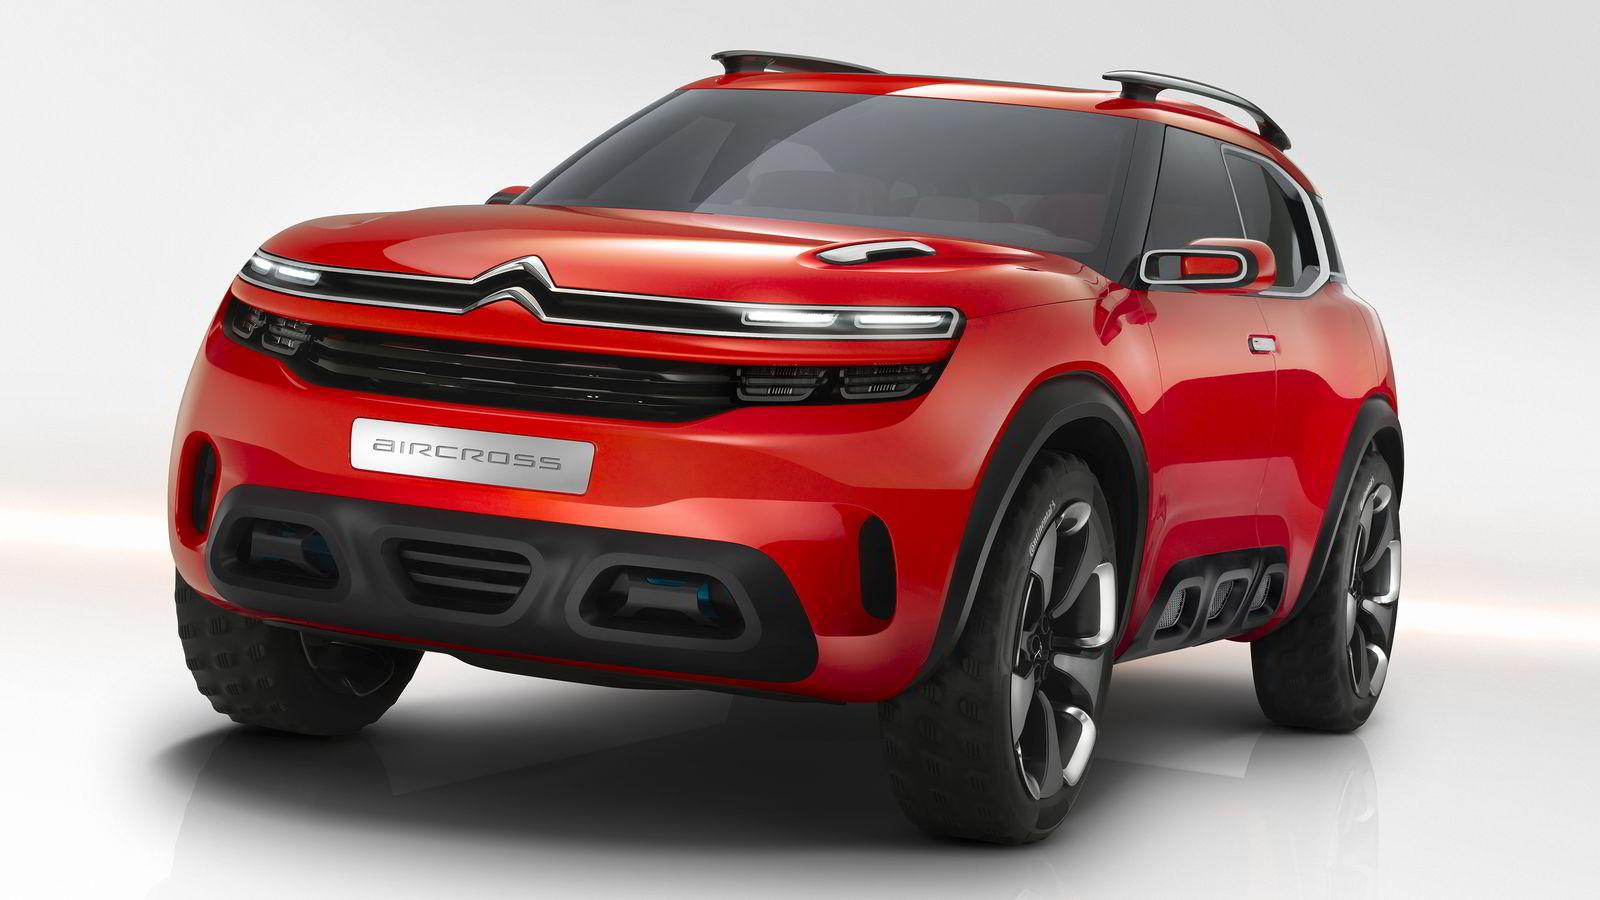 Citroën Concept Aircross